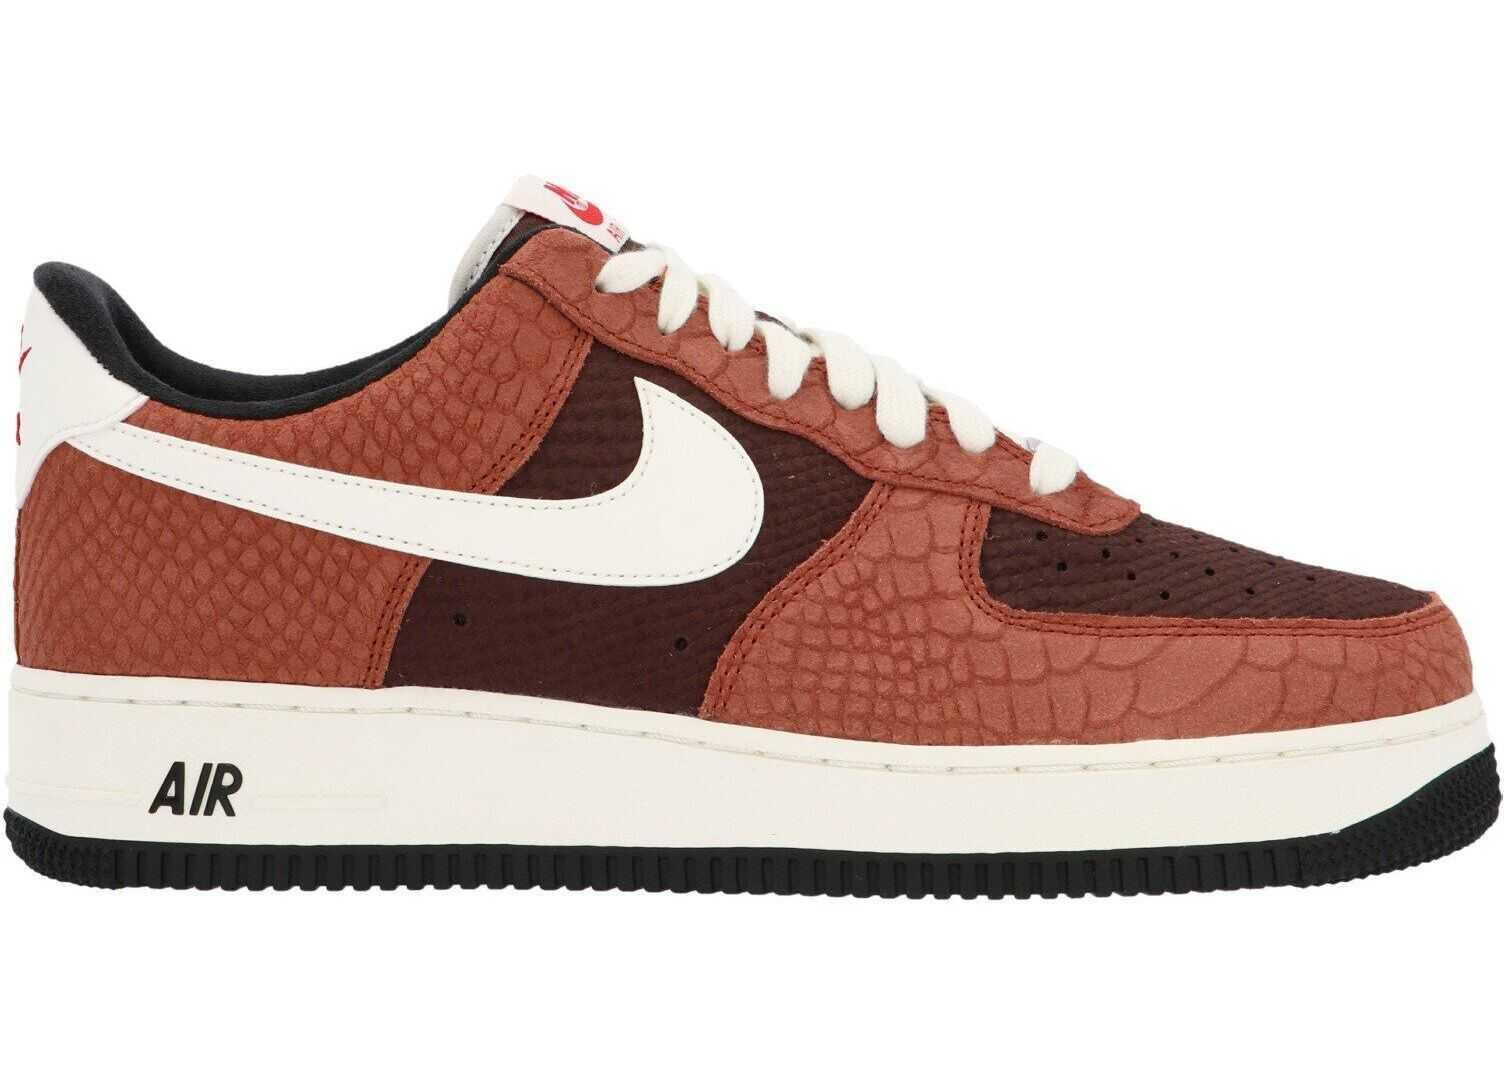 Nike Air Force 1 Premium BROWN